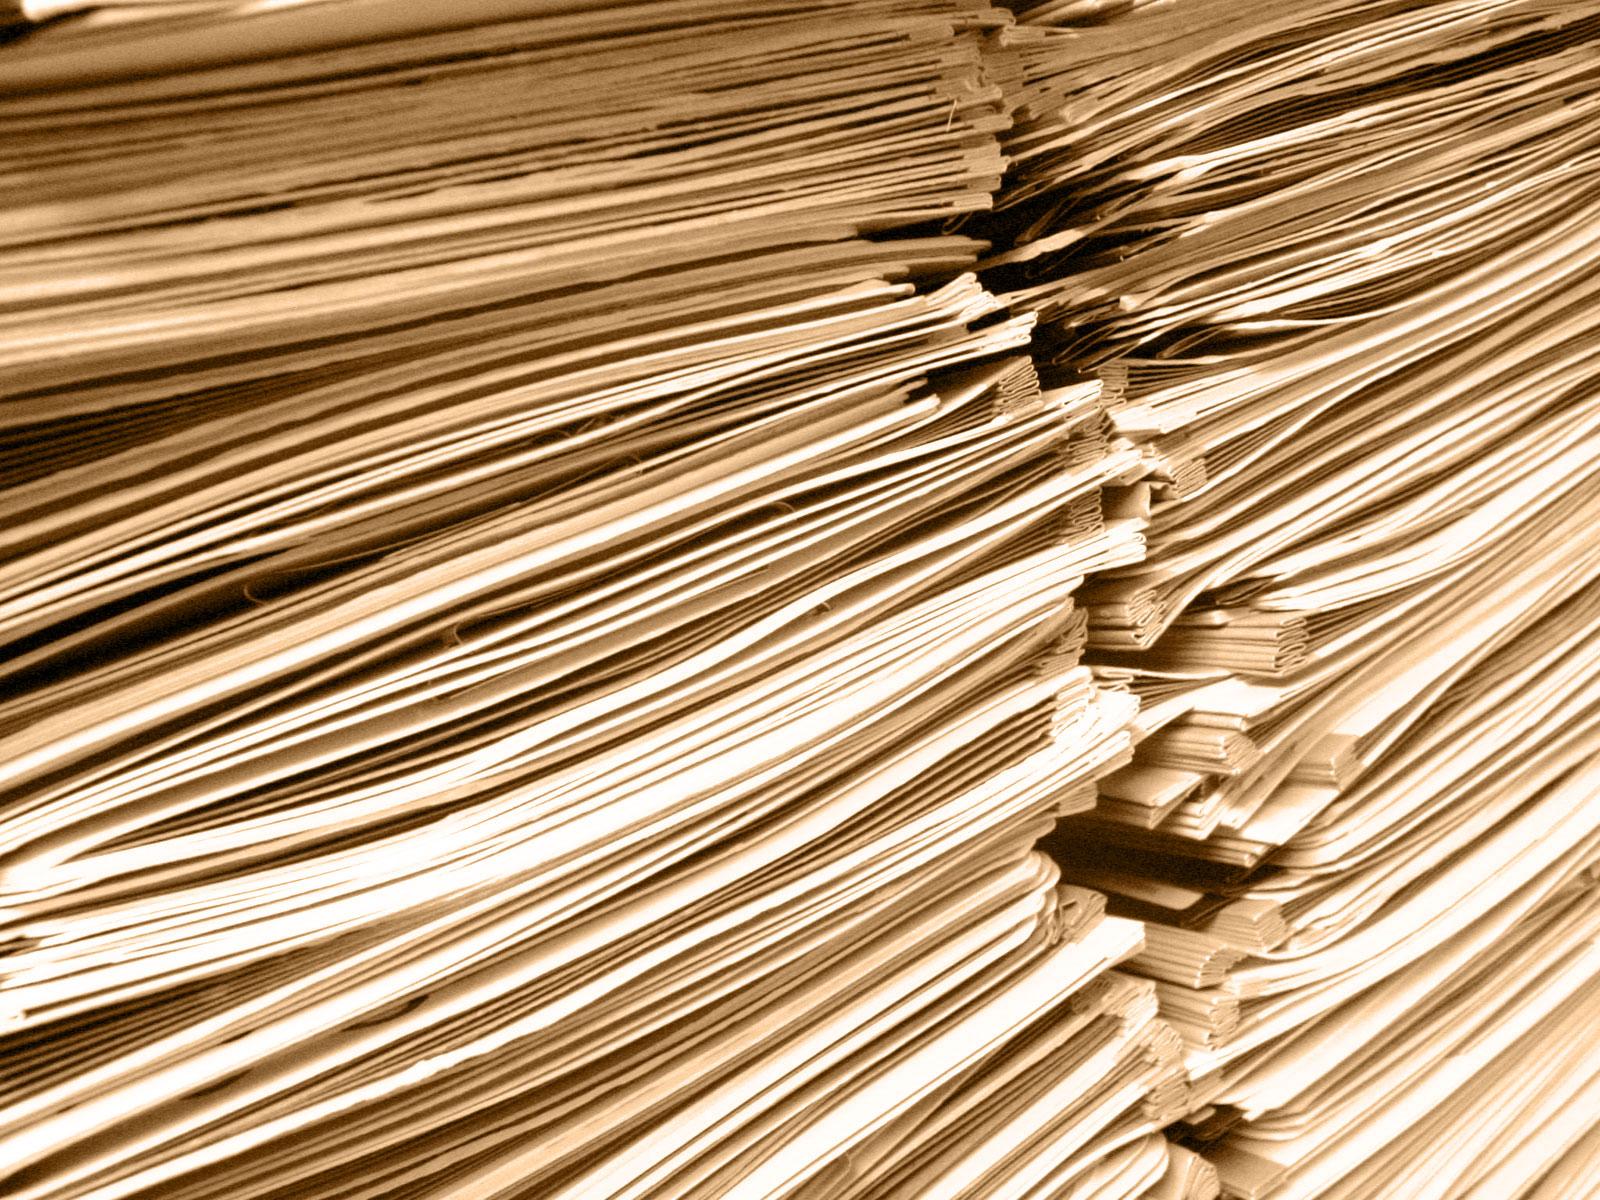 La Protección de datos como impulsora del crecimiento - Fuente: CincoDías.com